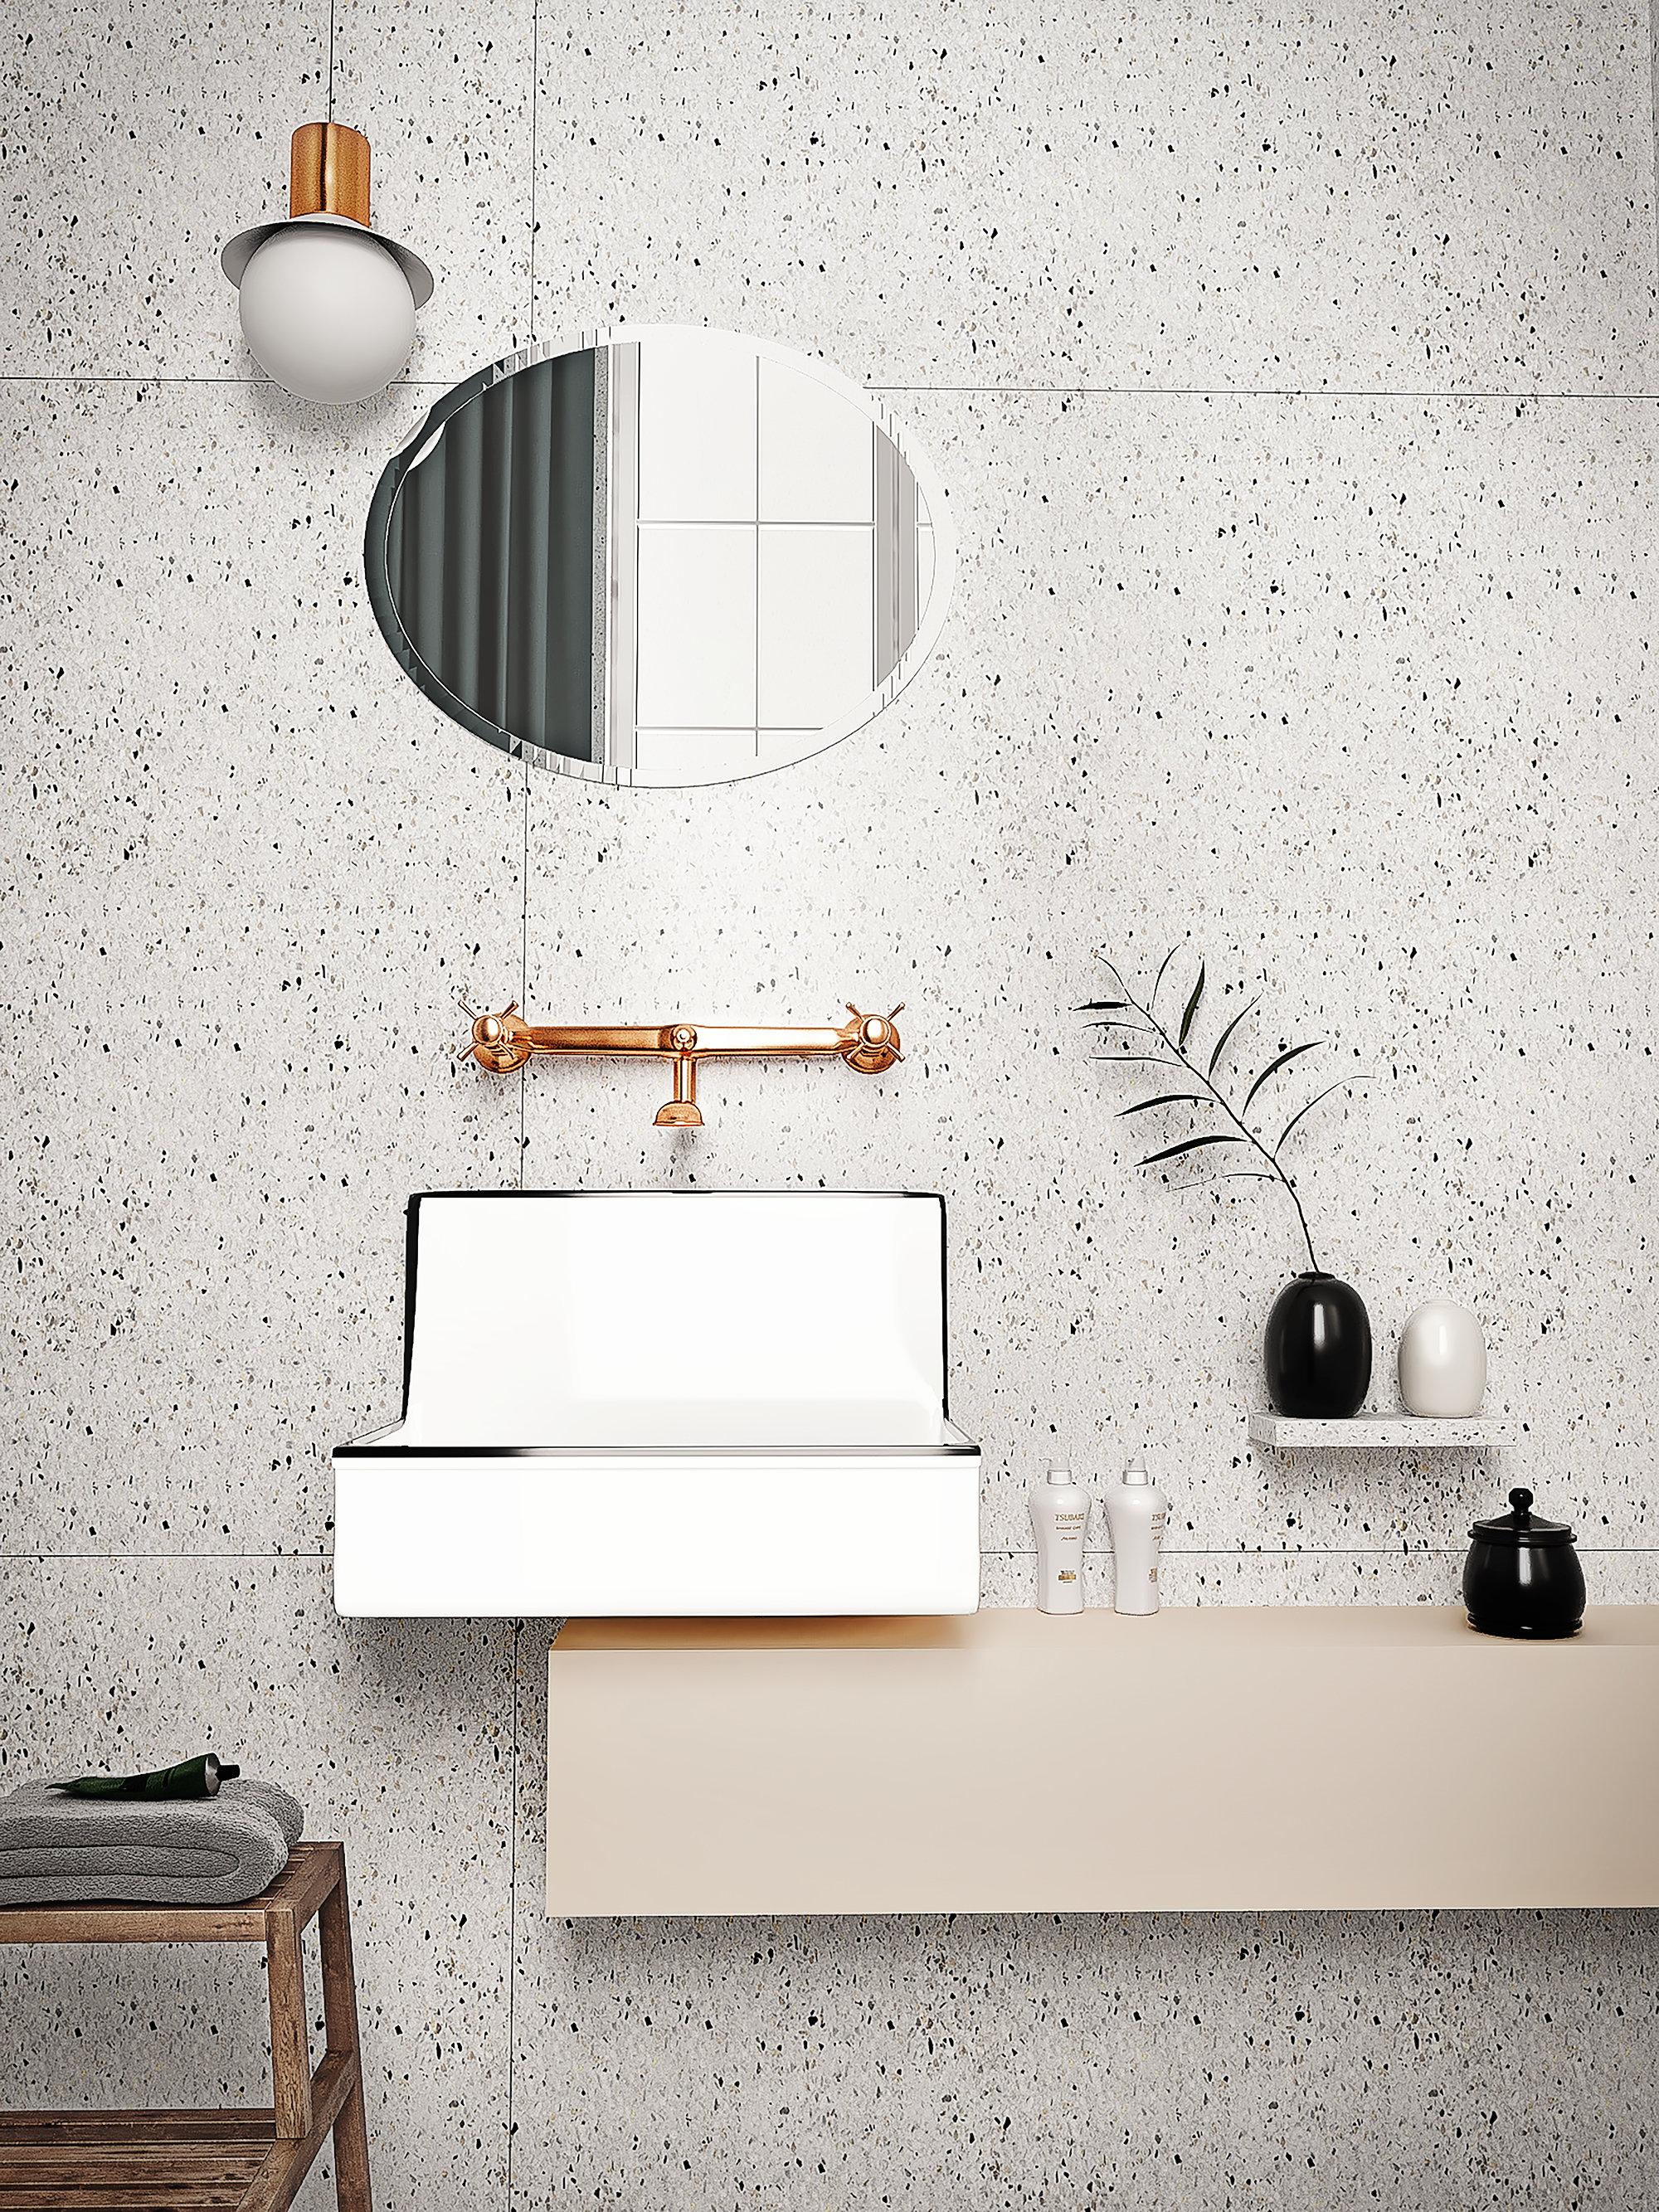 La Salle De Bain Terrazzo Inspiration Style Contemporain